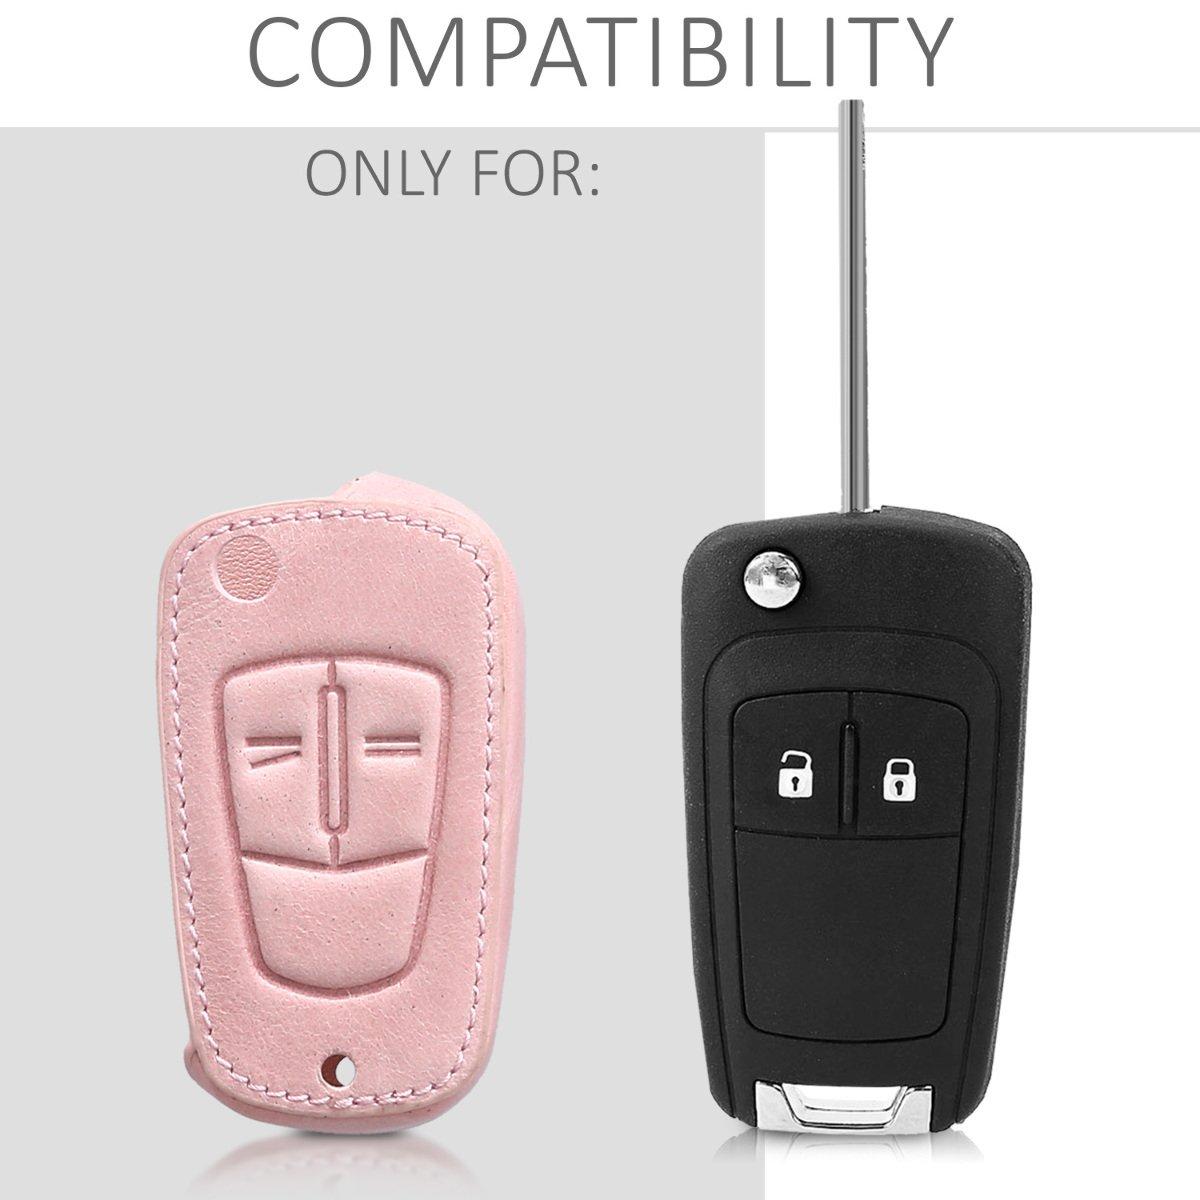 Cubierta de Cuero sint/ético Case para Mando y Control de Auto con dise/ño Drive me Crazy kwmobile Funda para Llave Plegable de 2 Botones para Coche Opel Vauxhall